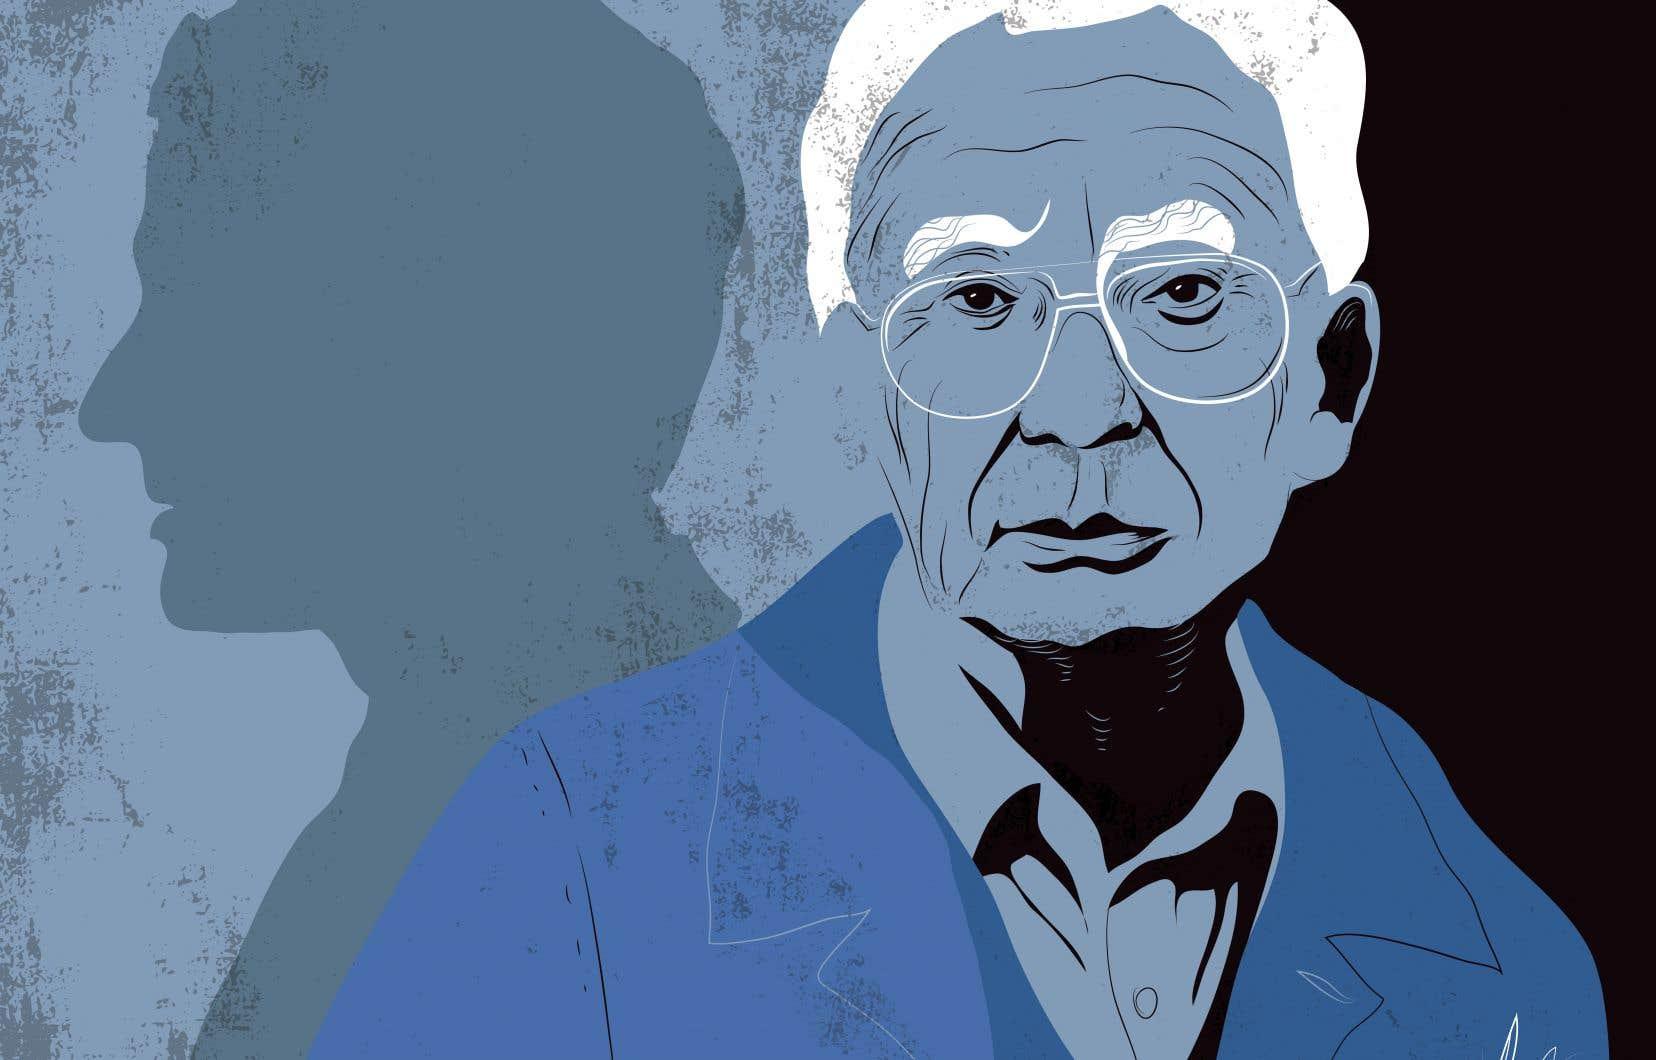 Le philosophe Paul Ricœur met en parallèle l'utopie et l'idéologie en rappelant que si l'idéologie permet de conserver le pouvoir ou de cimenter l'identité, l'utopie suspend le réel en le projetant dans le «nulle part».